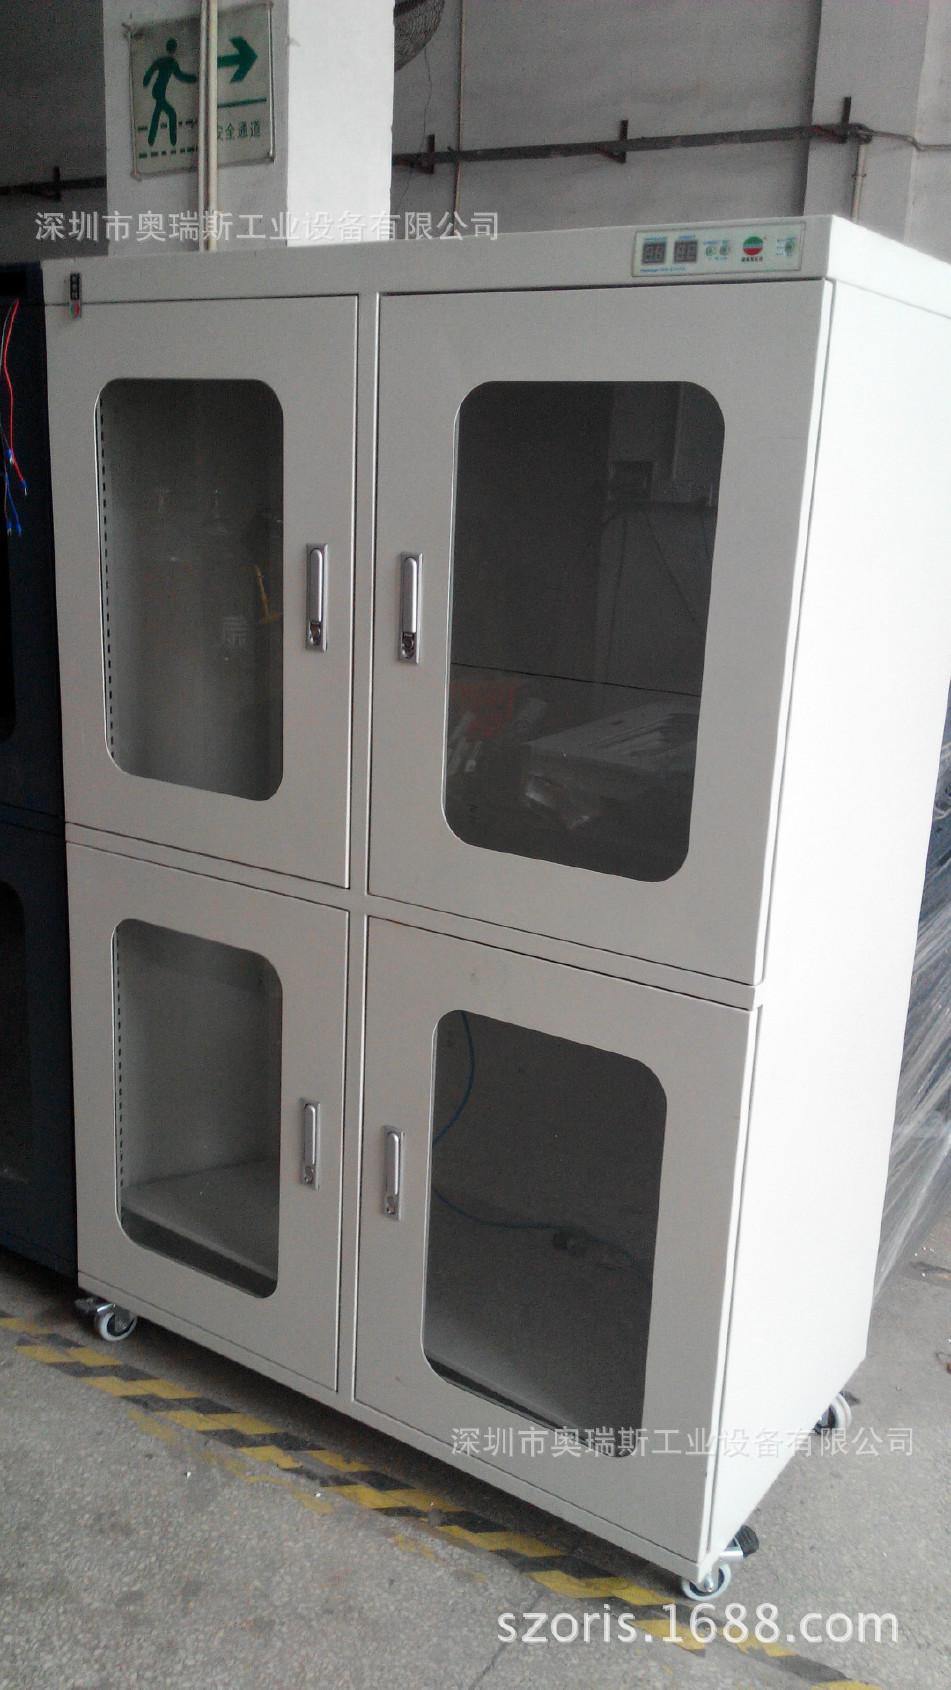 天津氮气防潮柜厂价直销/成都电子防潮柜批发/上海防潮柜供应商